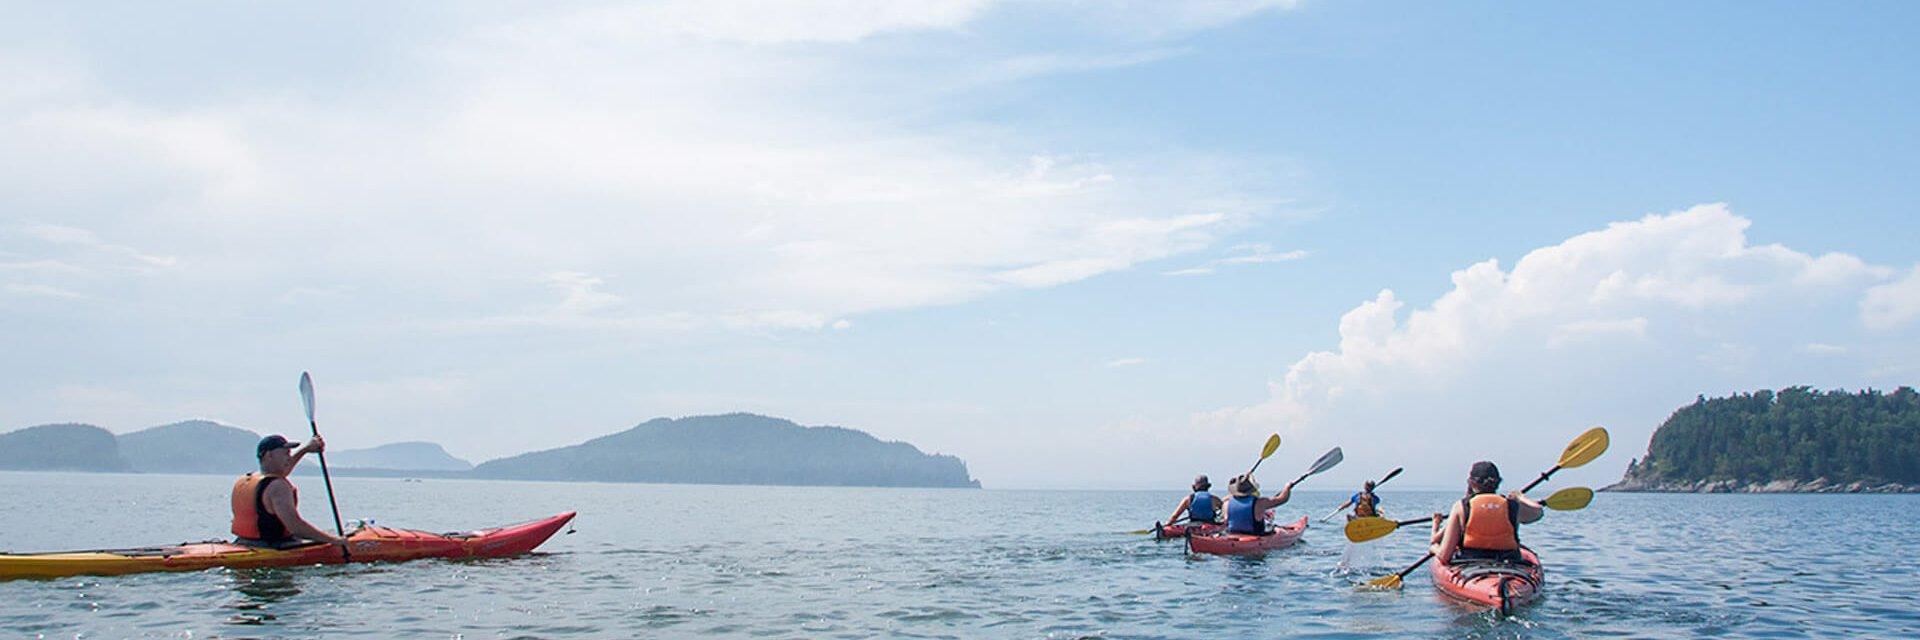 La péninsule gaspésienne classique